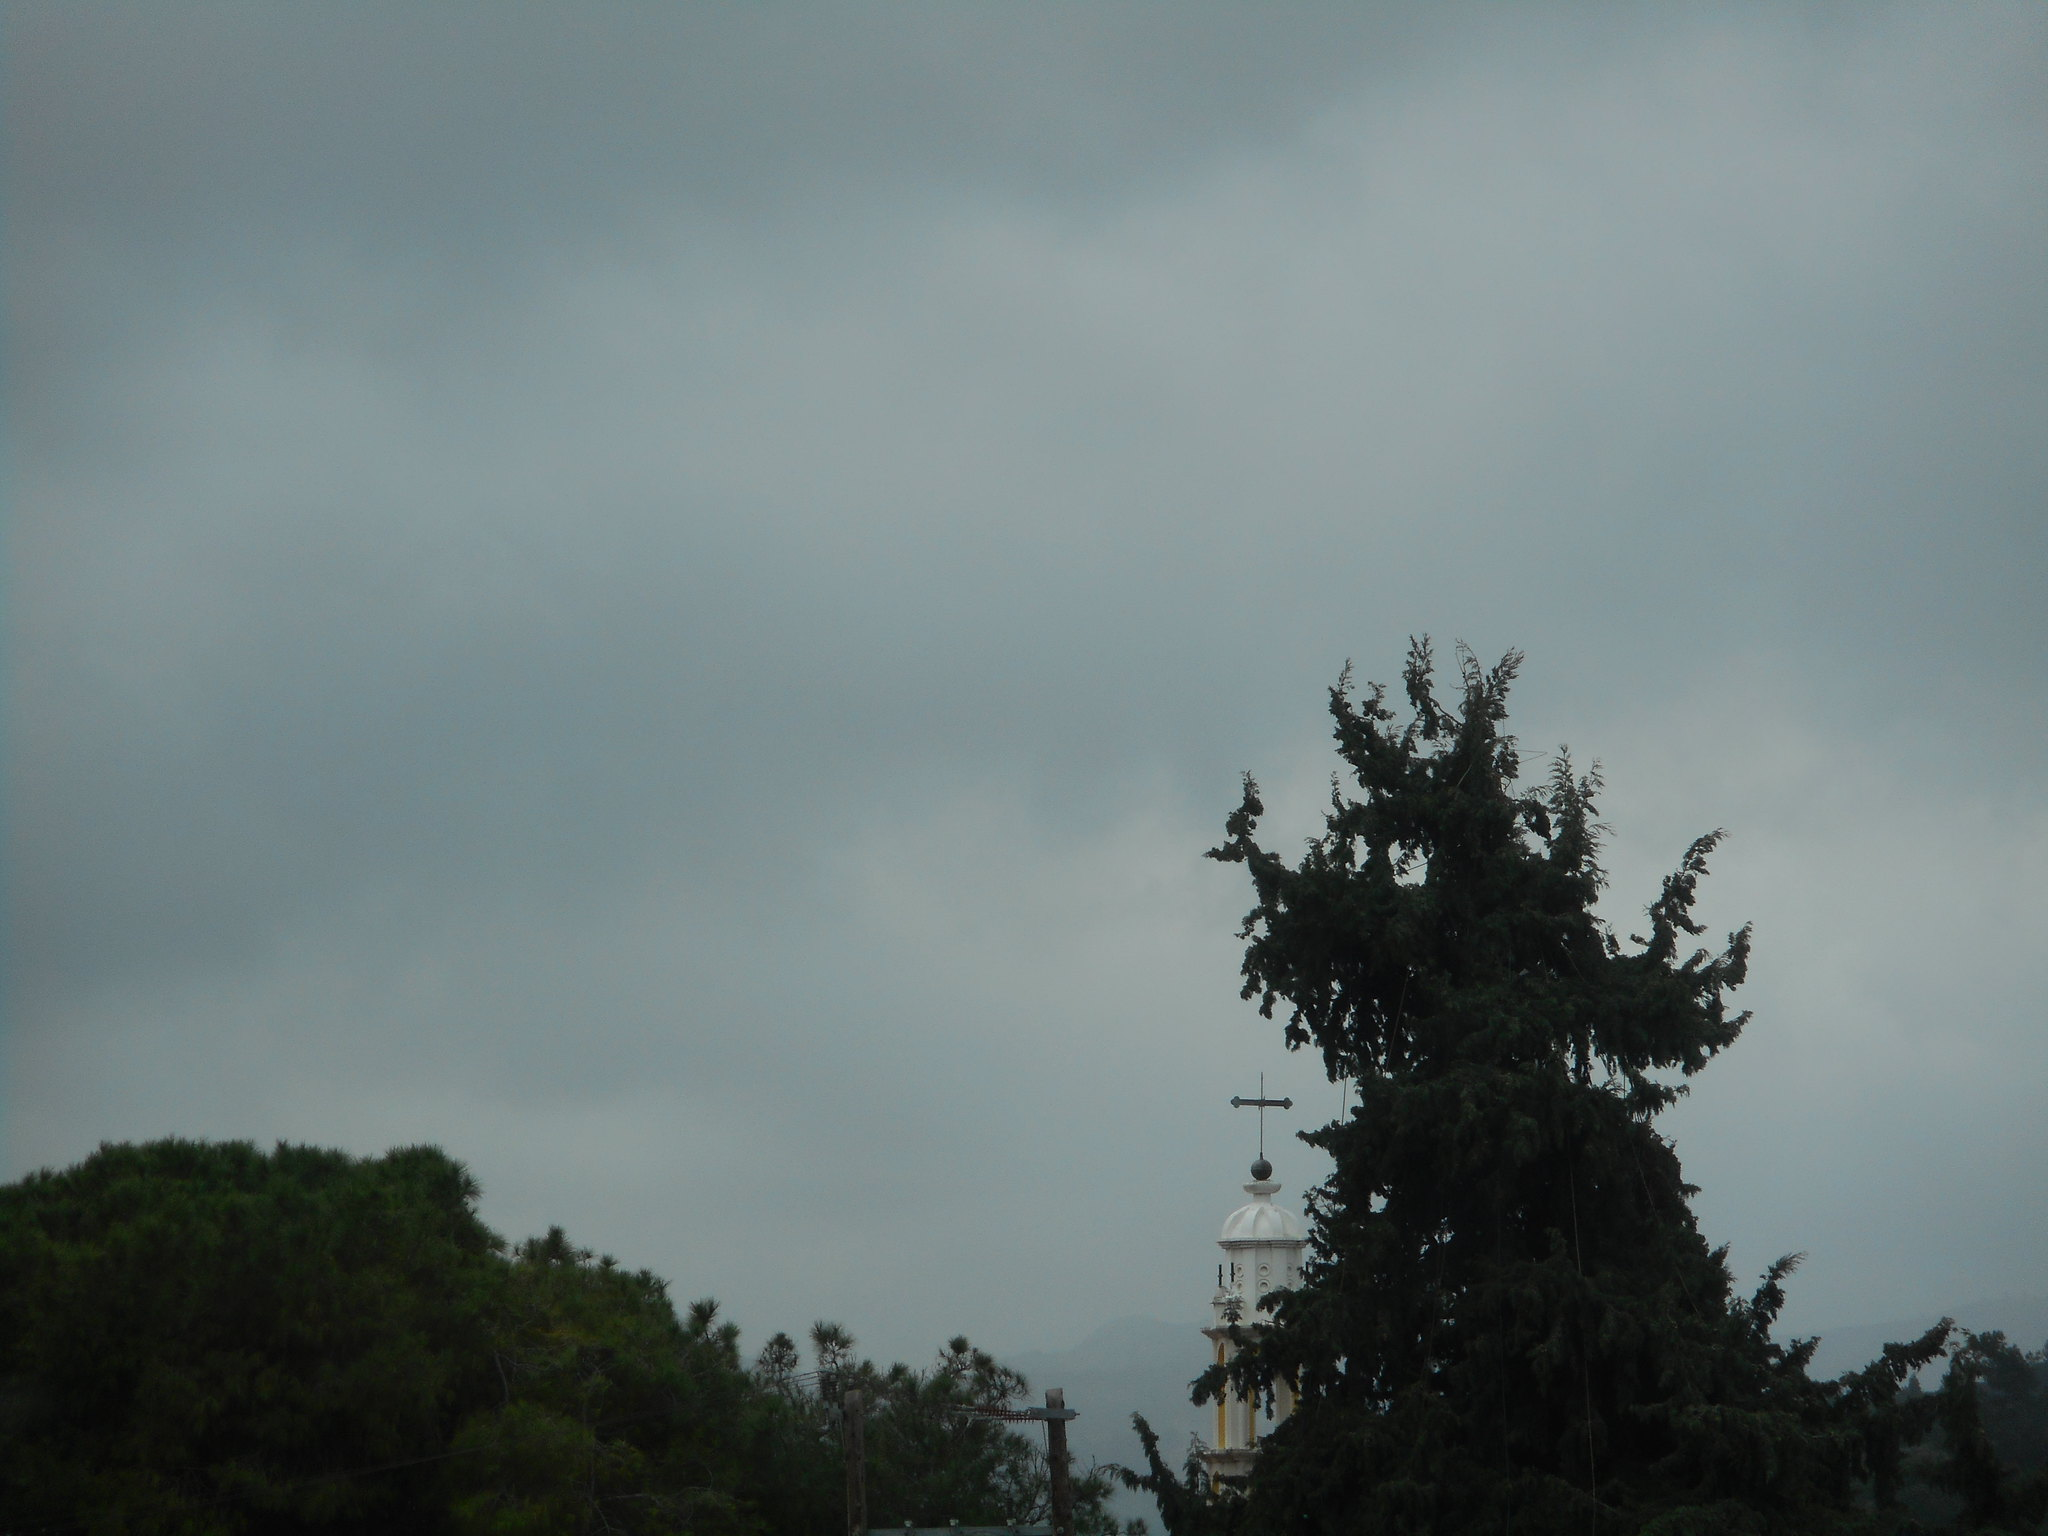 Μουντός ο καιρός πάνω από την Ψίνθο τις προηγούμενες μέρες λόγω αφρικανικής σκόνης